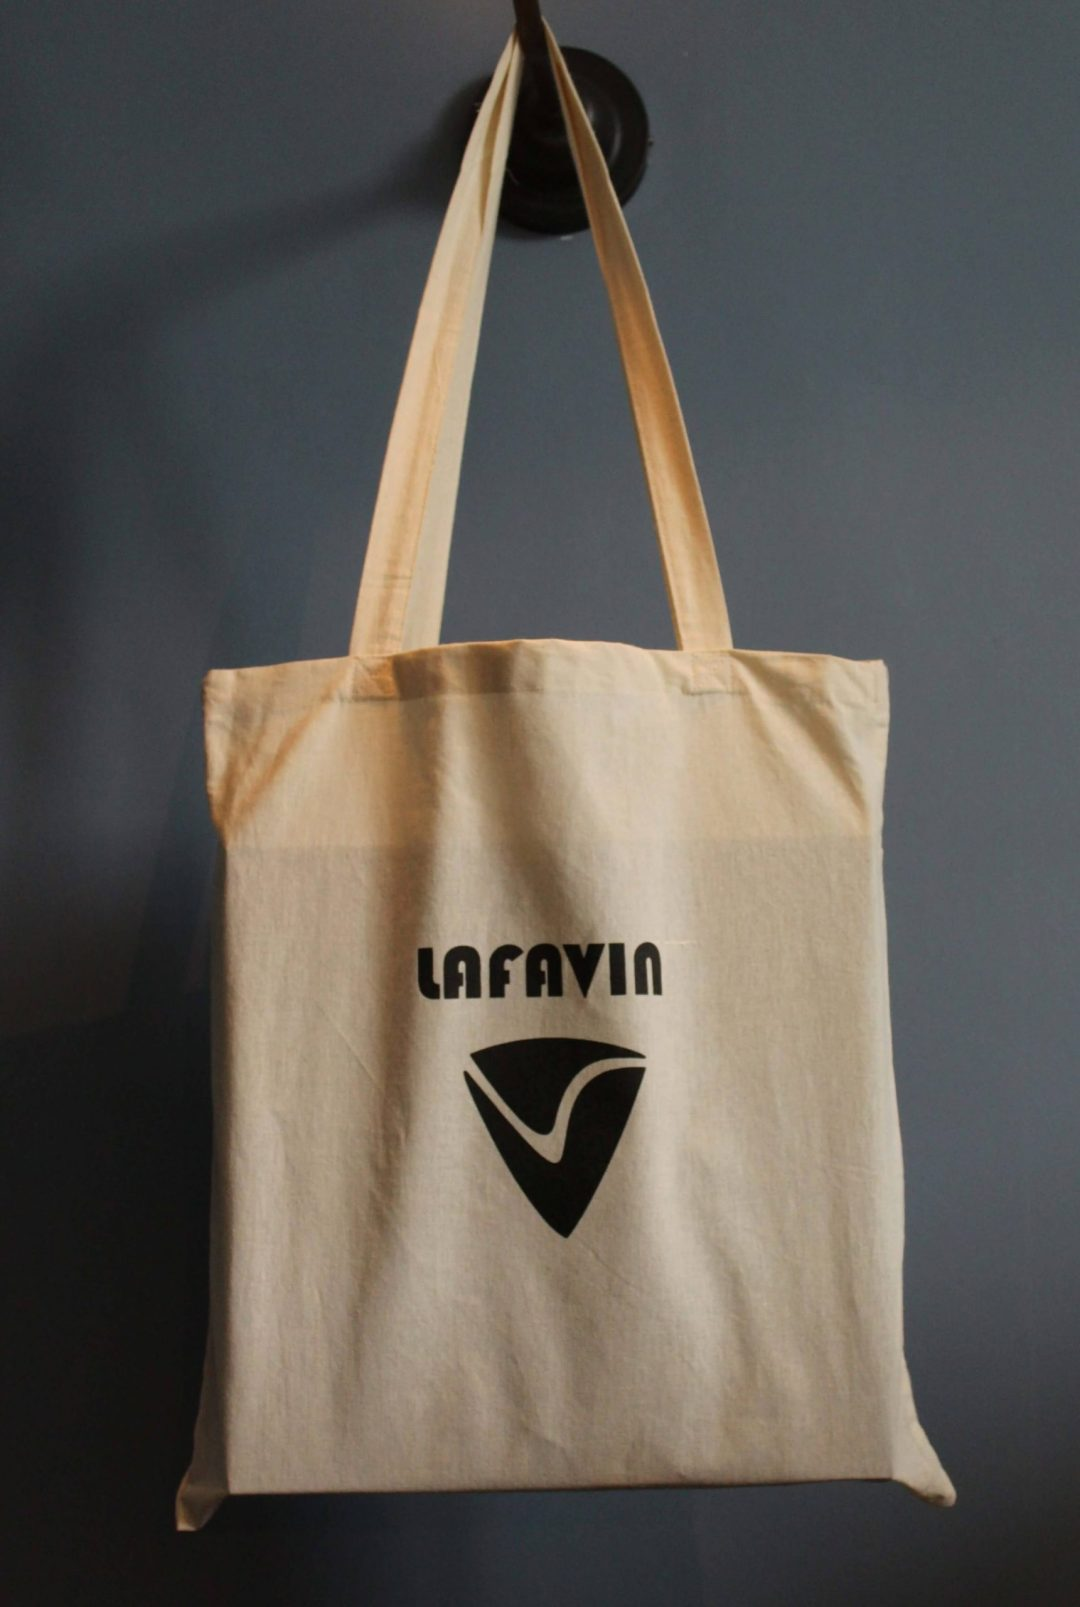 Tote Bag LAFAVIN - 1€ Reversé